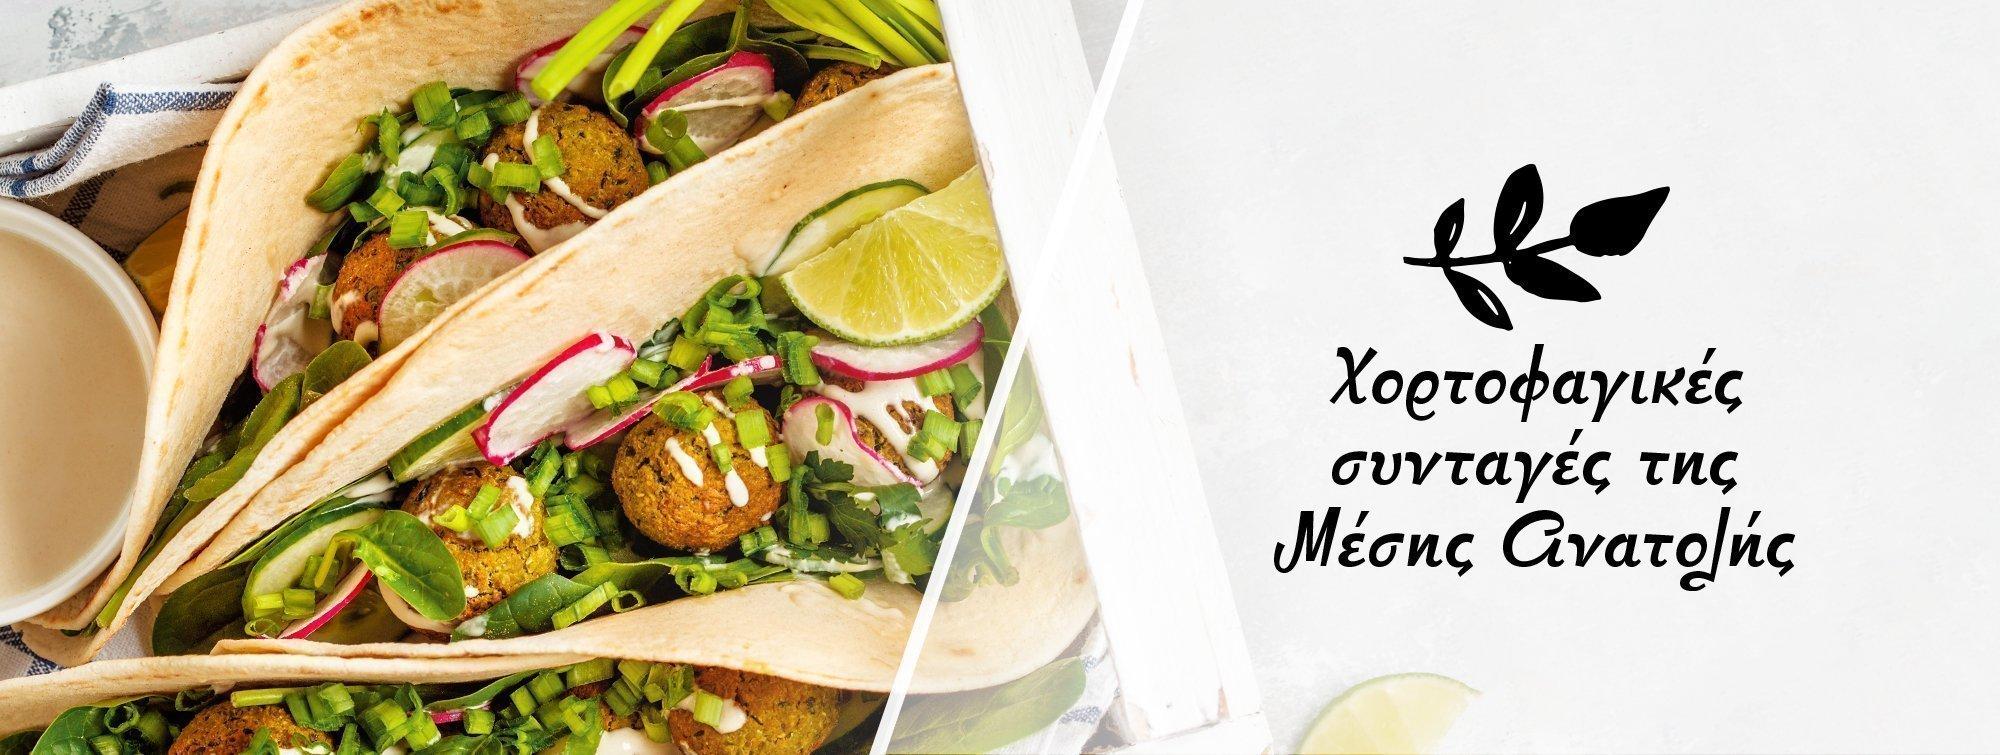 Χορτοφαγικές Συνταγές της Μέσης Ανατολής.